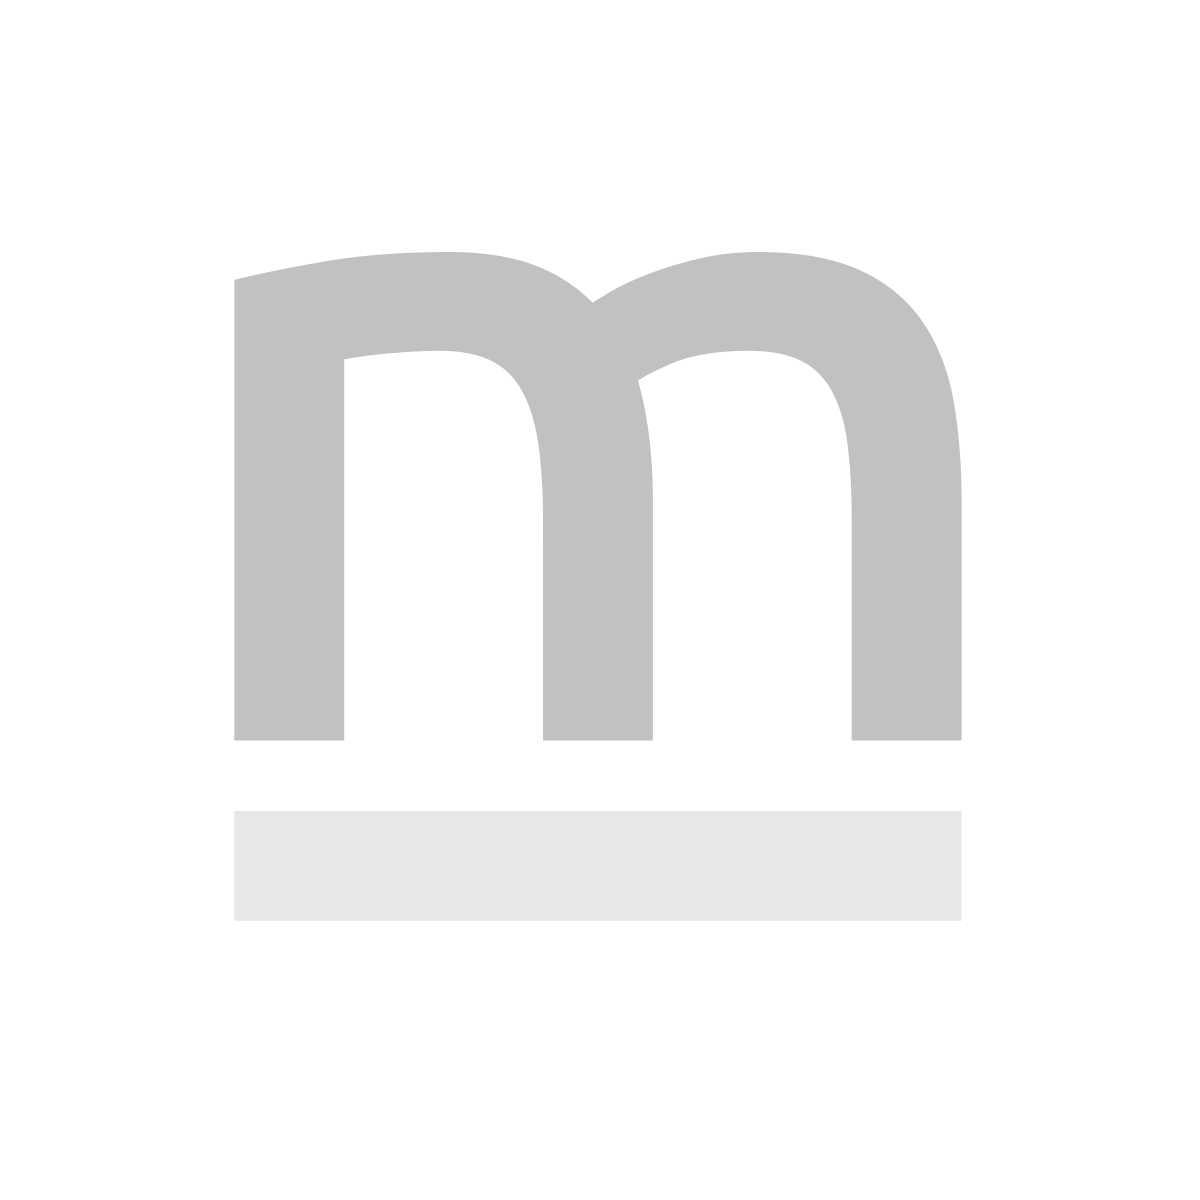 Zegar ścienny Willie 2667 FR